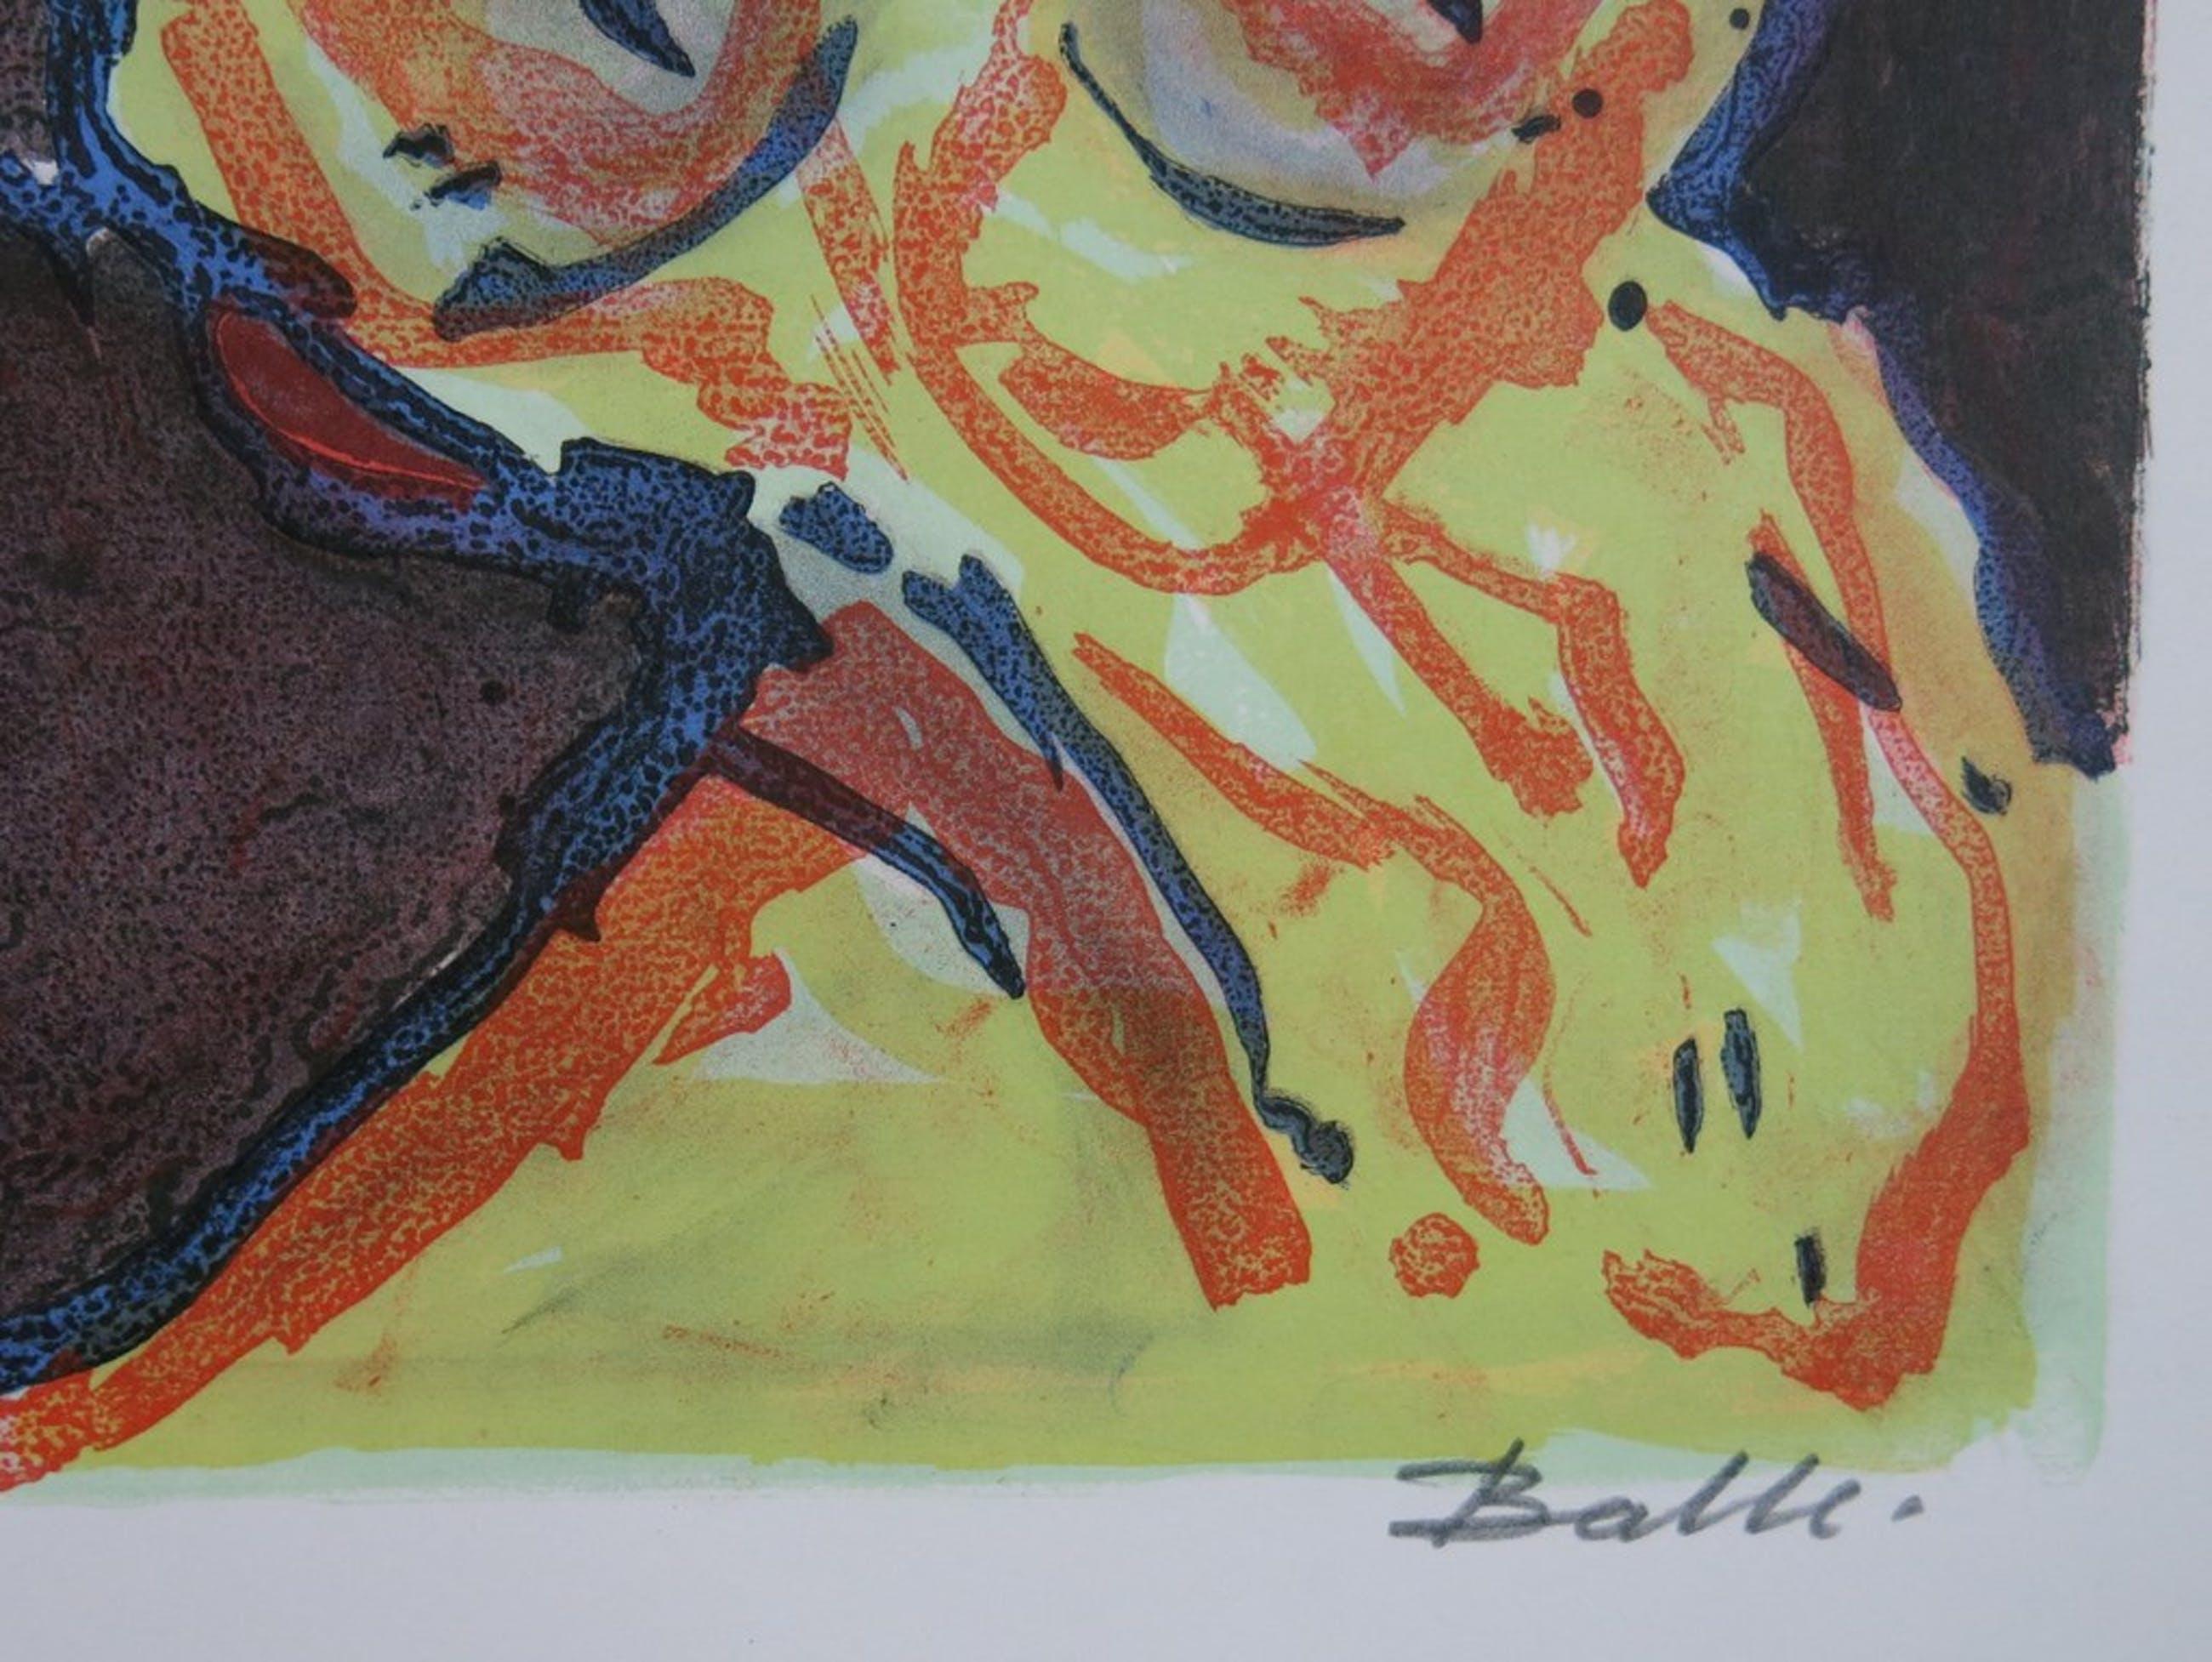 Mogens Balle: Kleurenlitho, Dromenland (CoBrA) kopen? Bied vanaf 1!